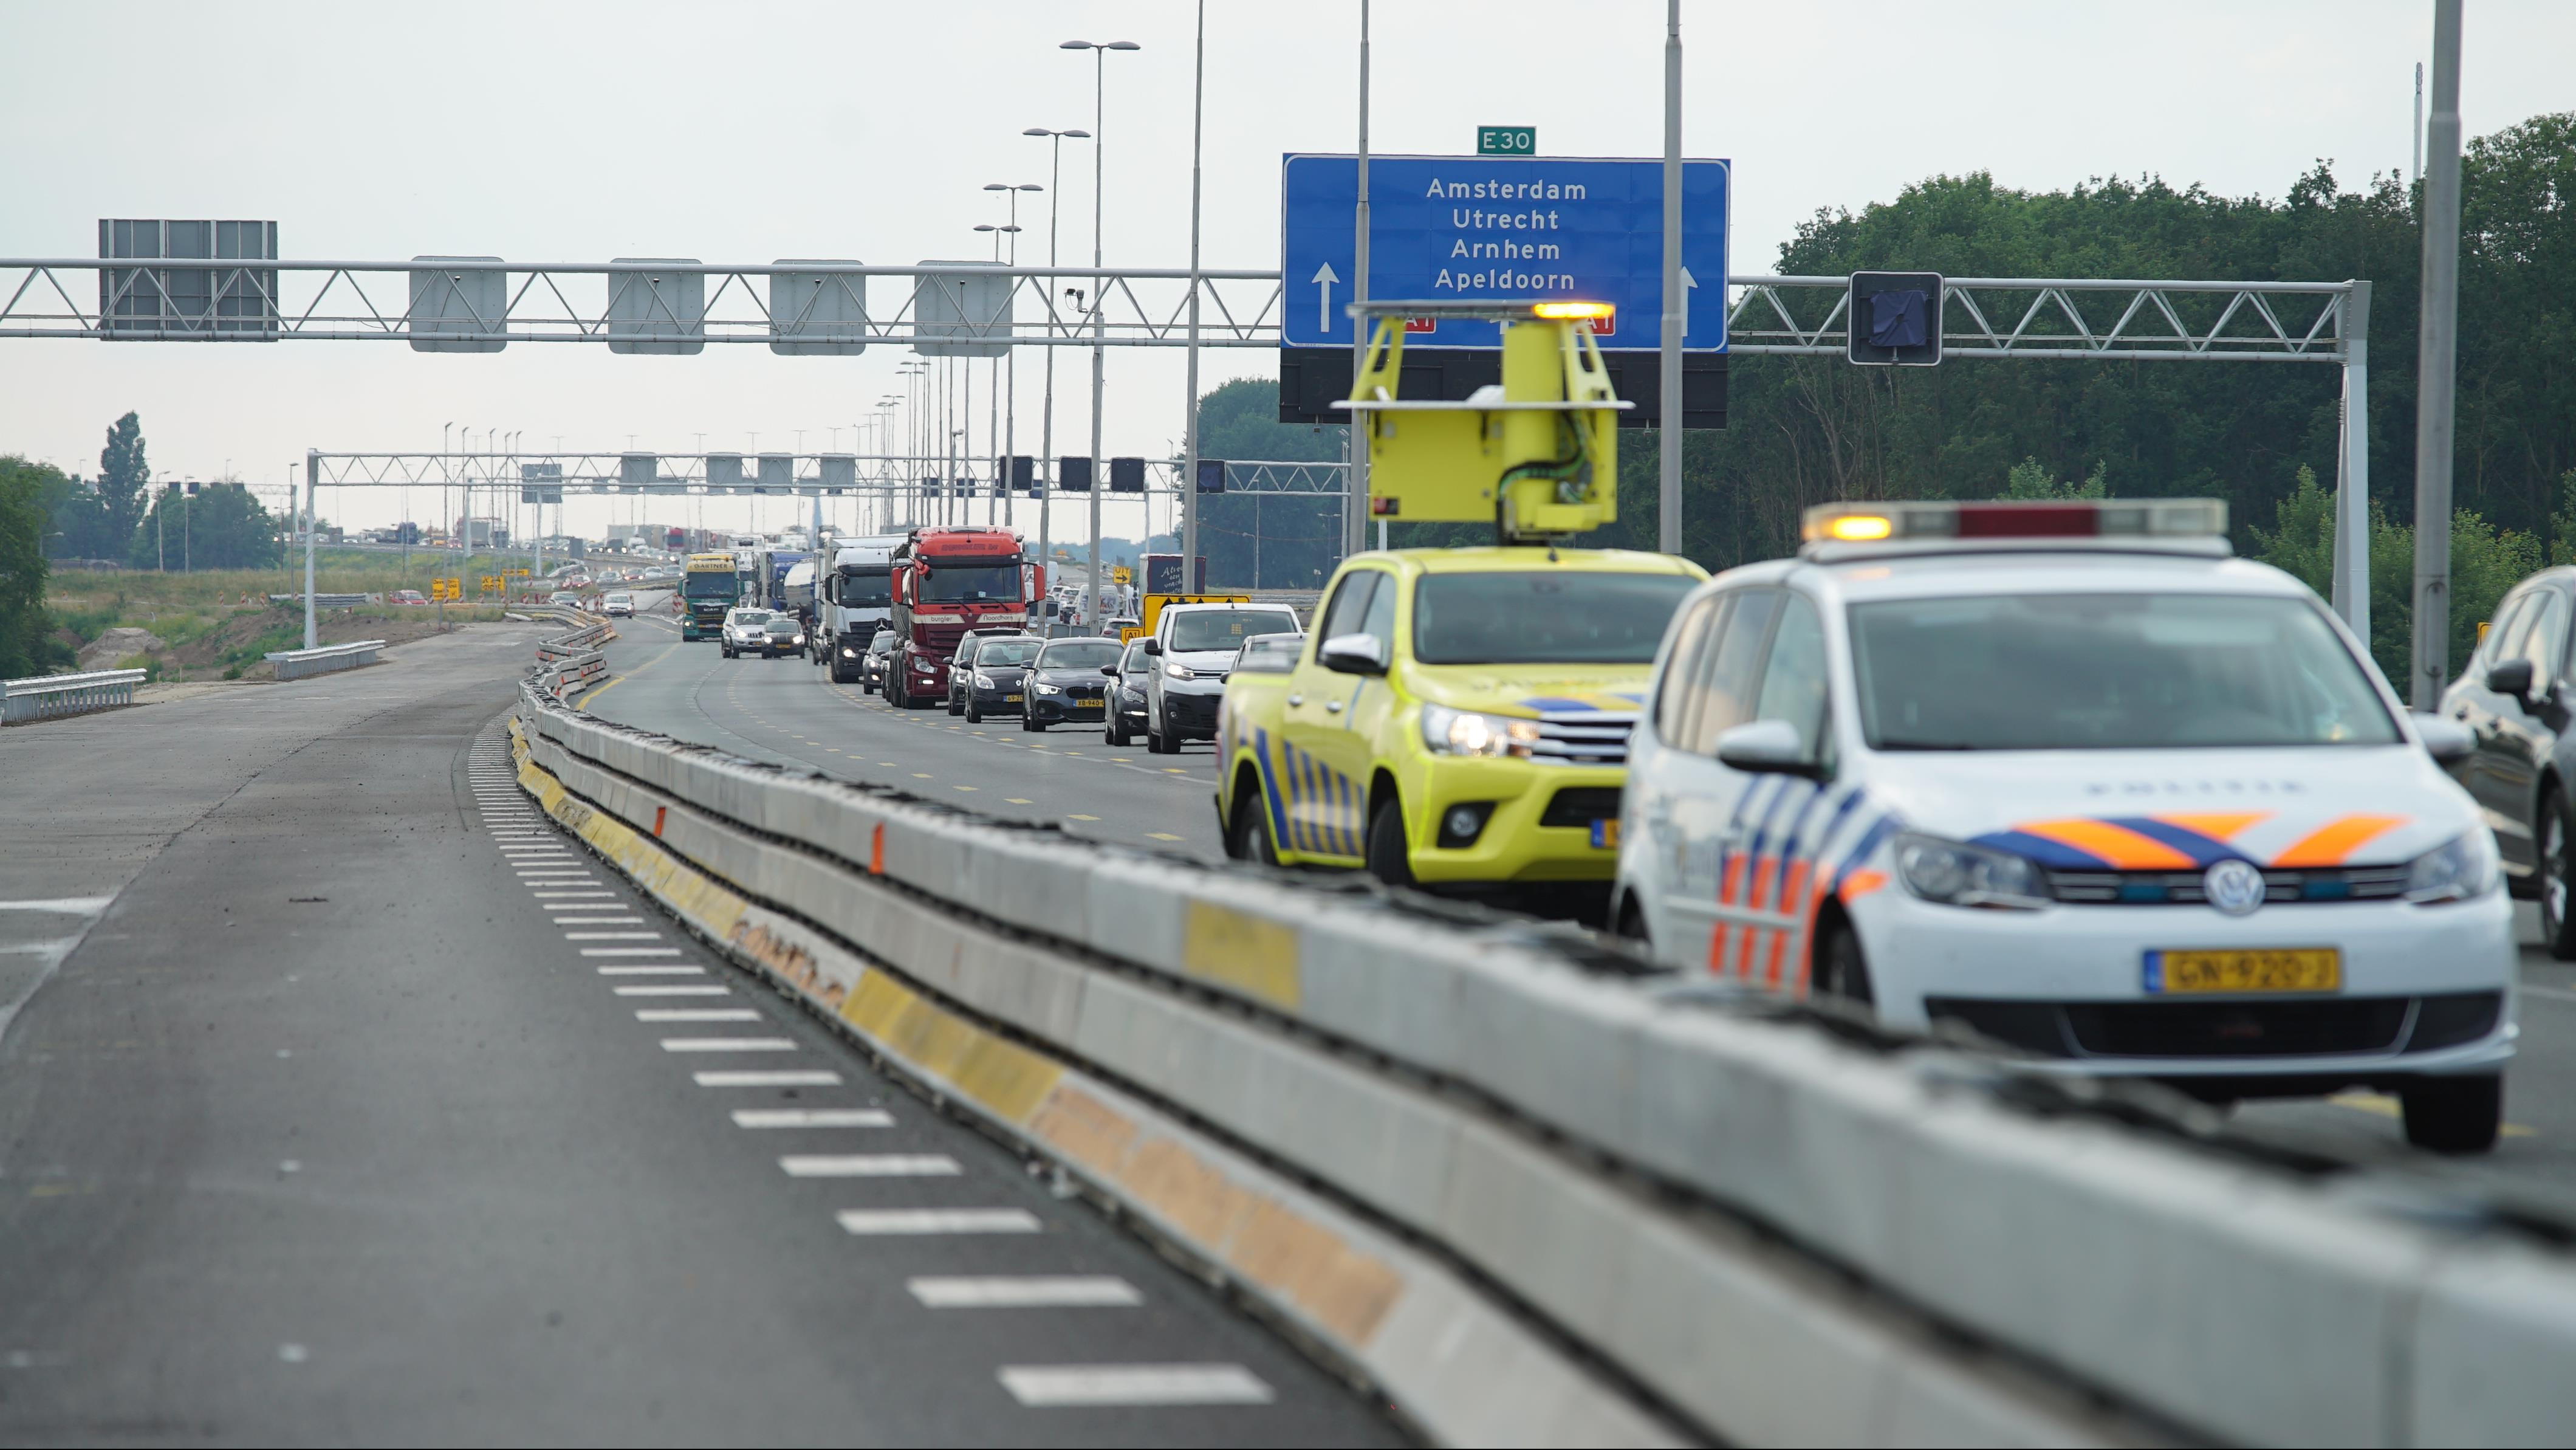 Flinke vertraging op A1 bij Deventer door ongeluk met auto en twee vrachtwagens.